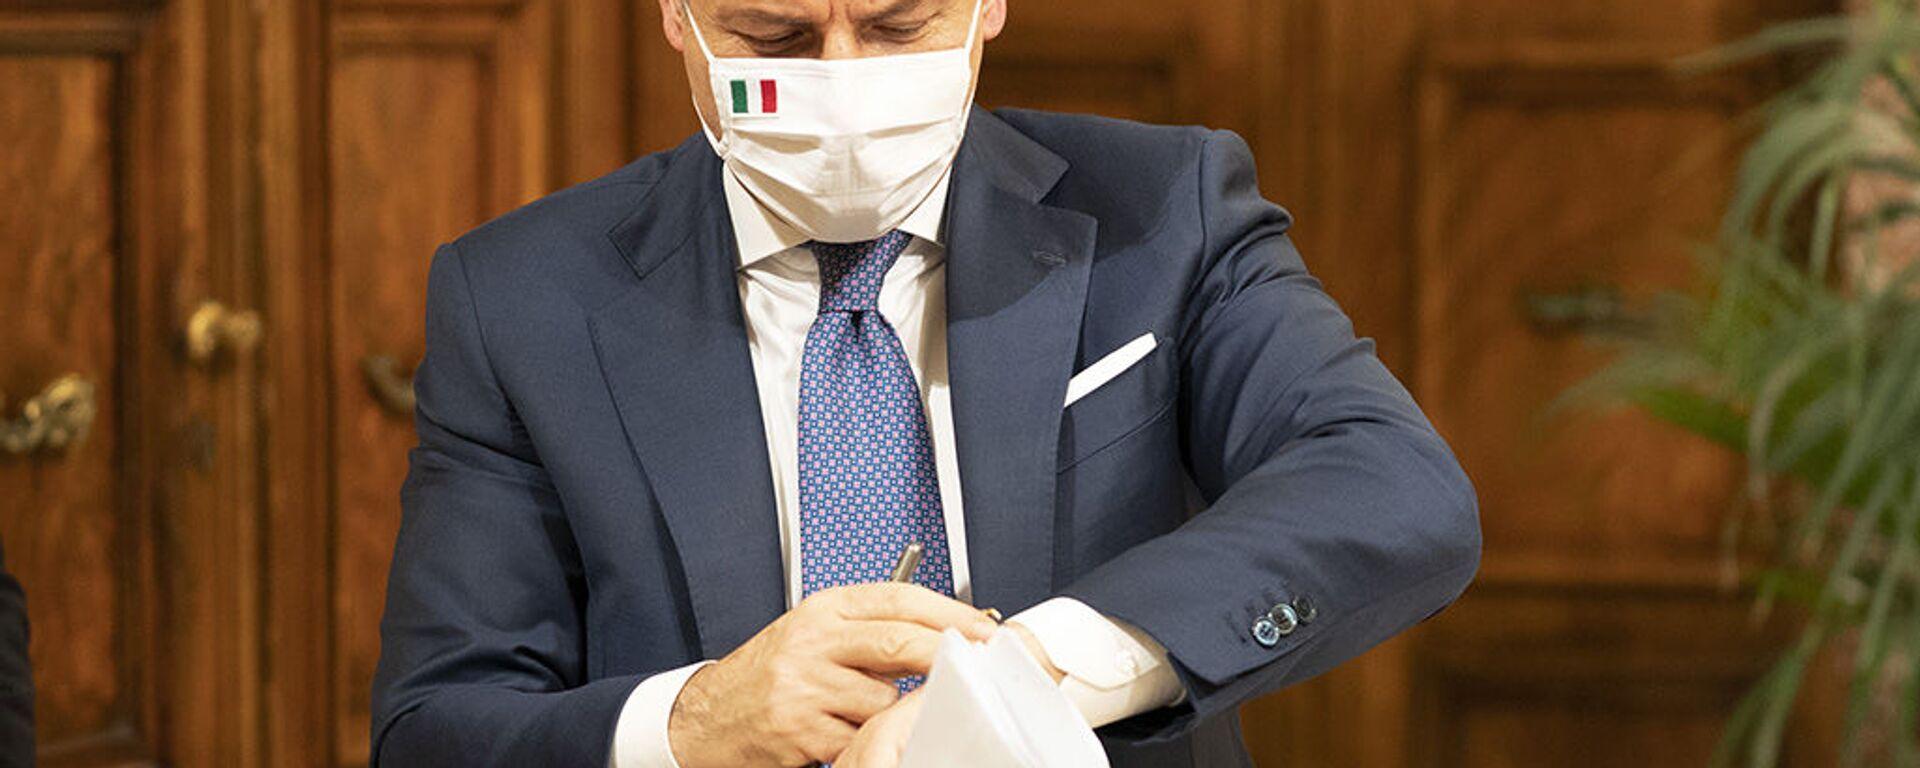 Il presidente del Consiglio Giuseppe Conte - Sputnik Italia, 1920, 01.07.2021